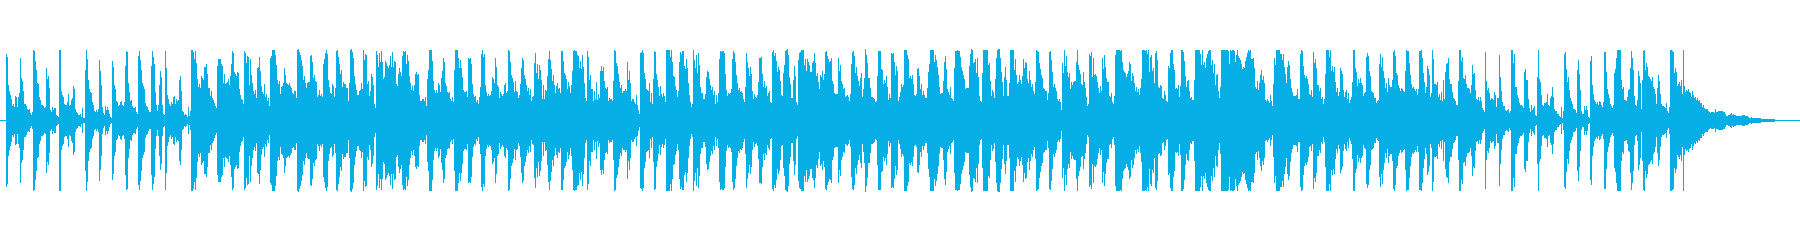 エビの食品をテーマにした楽曲の再生済みの波形